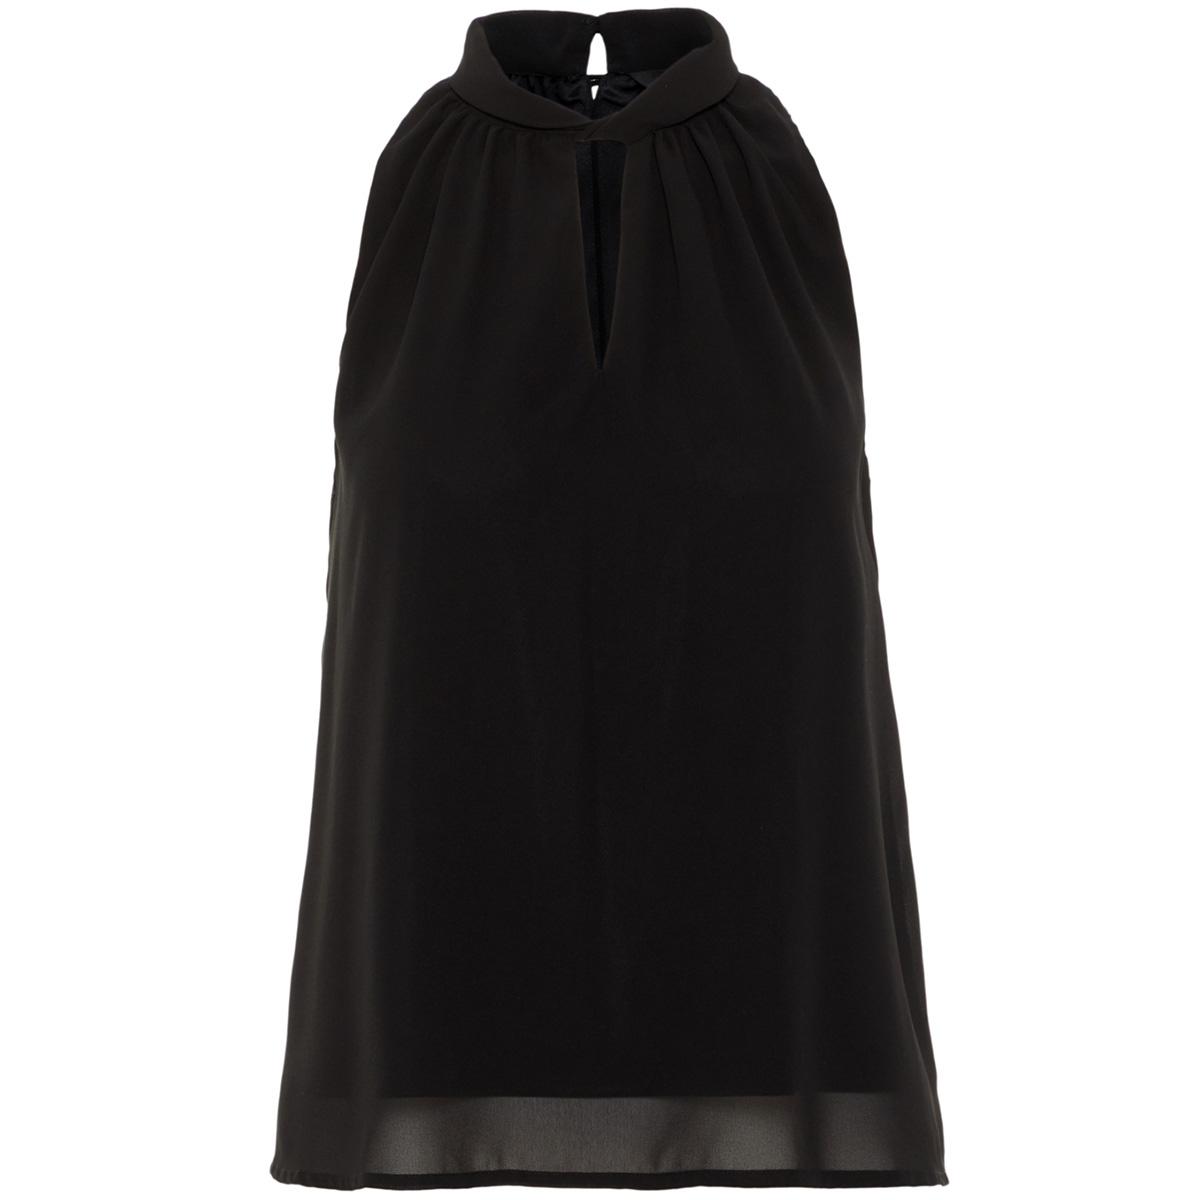 vmline s/l highneck top 10213645 vero moda top black